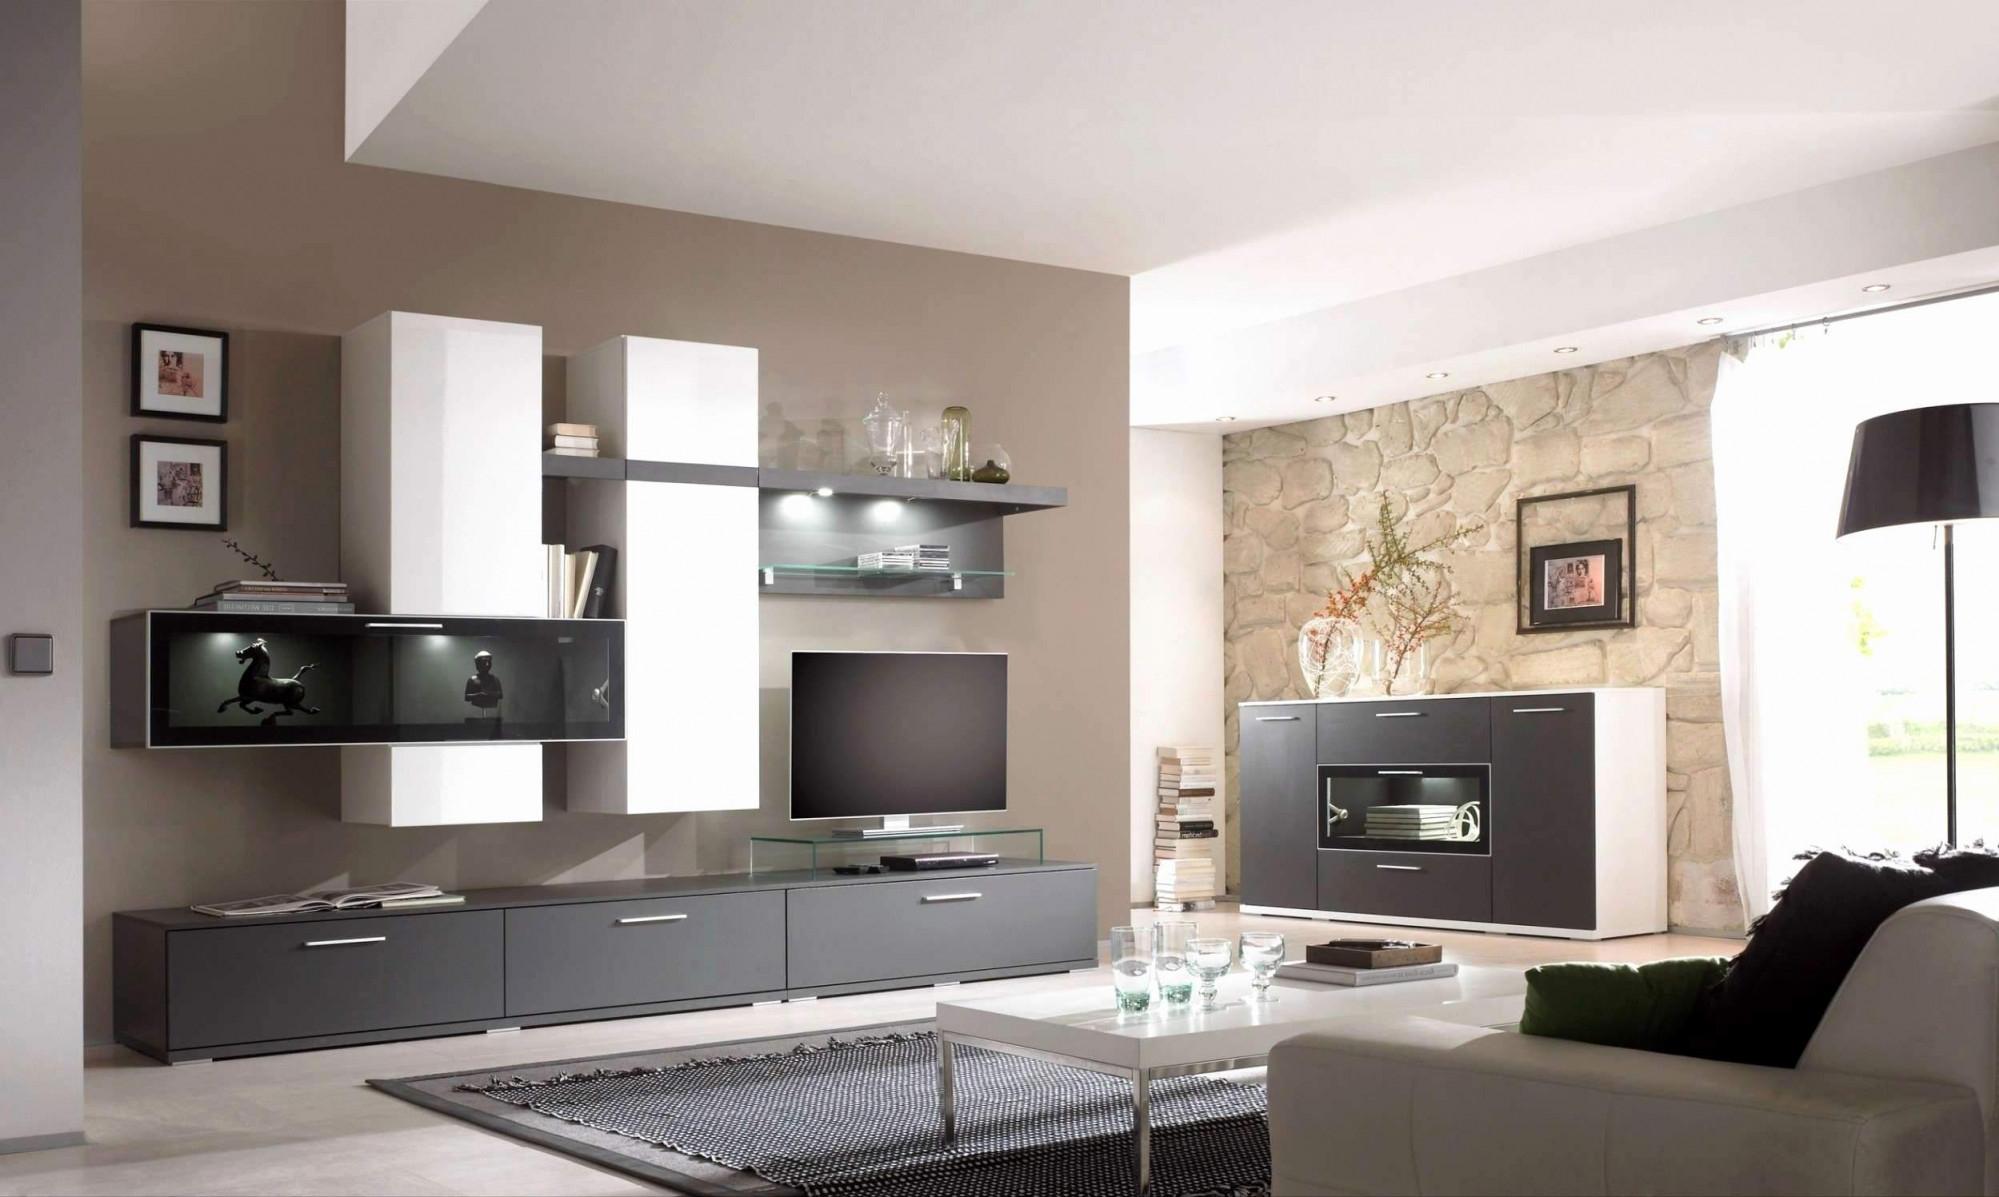 40 Schön Wohnzimmer Design Ideen Reizend  Wohnzimmer Frisch von Designer Bilder Wohnzimmer Bild